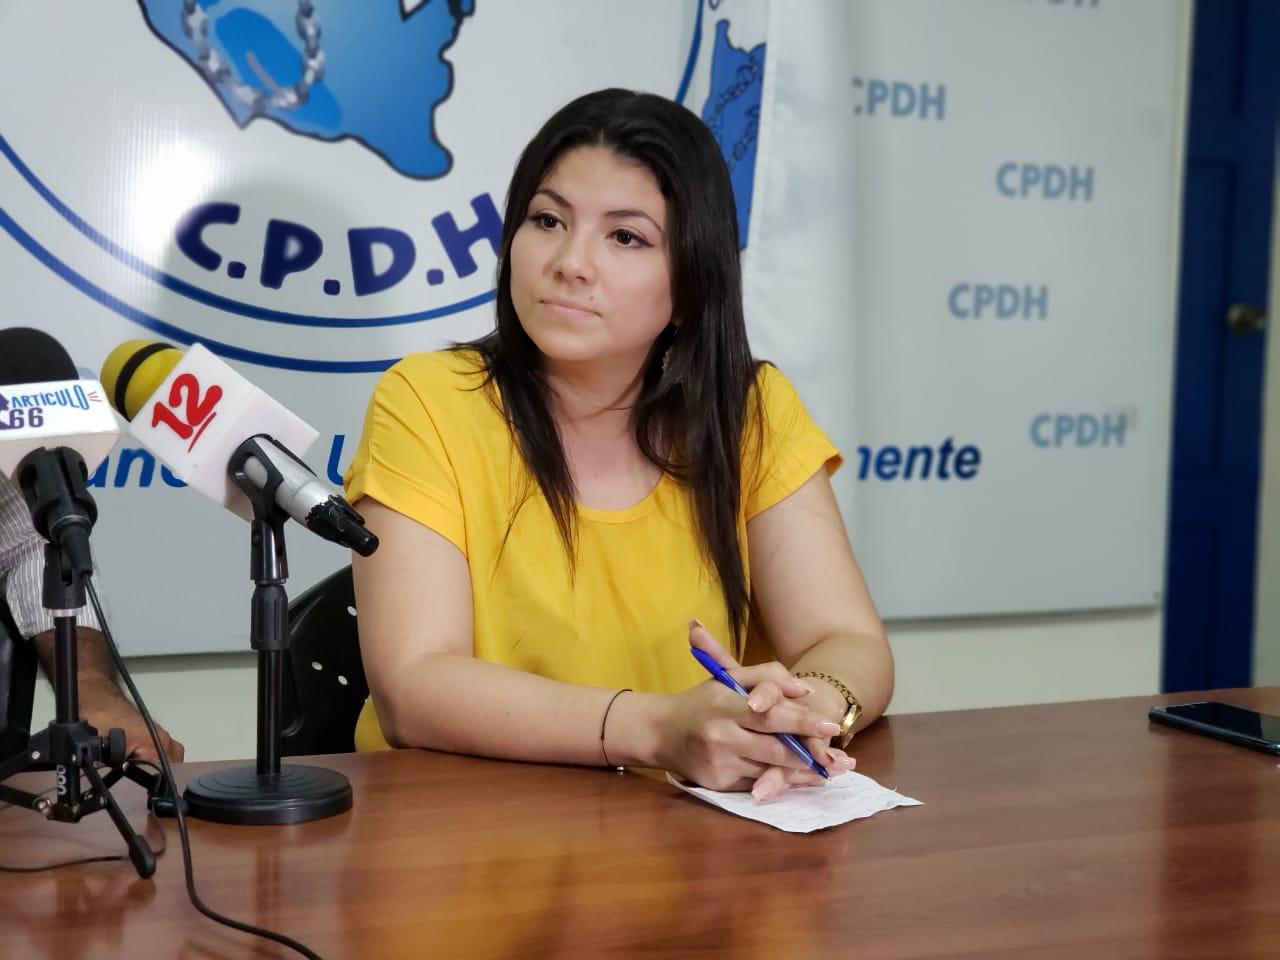 90 días de cárcel para María Oviedo abogada y defensora de DD.HH. Foto: Geovanny Shiffman/Artículo 66